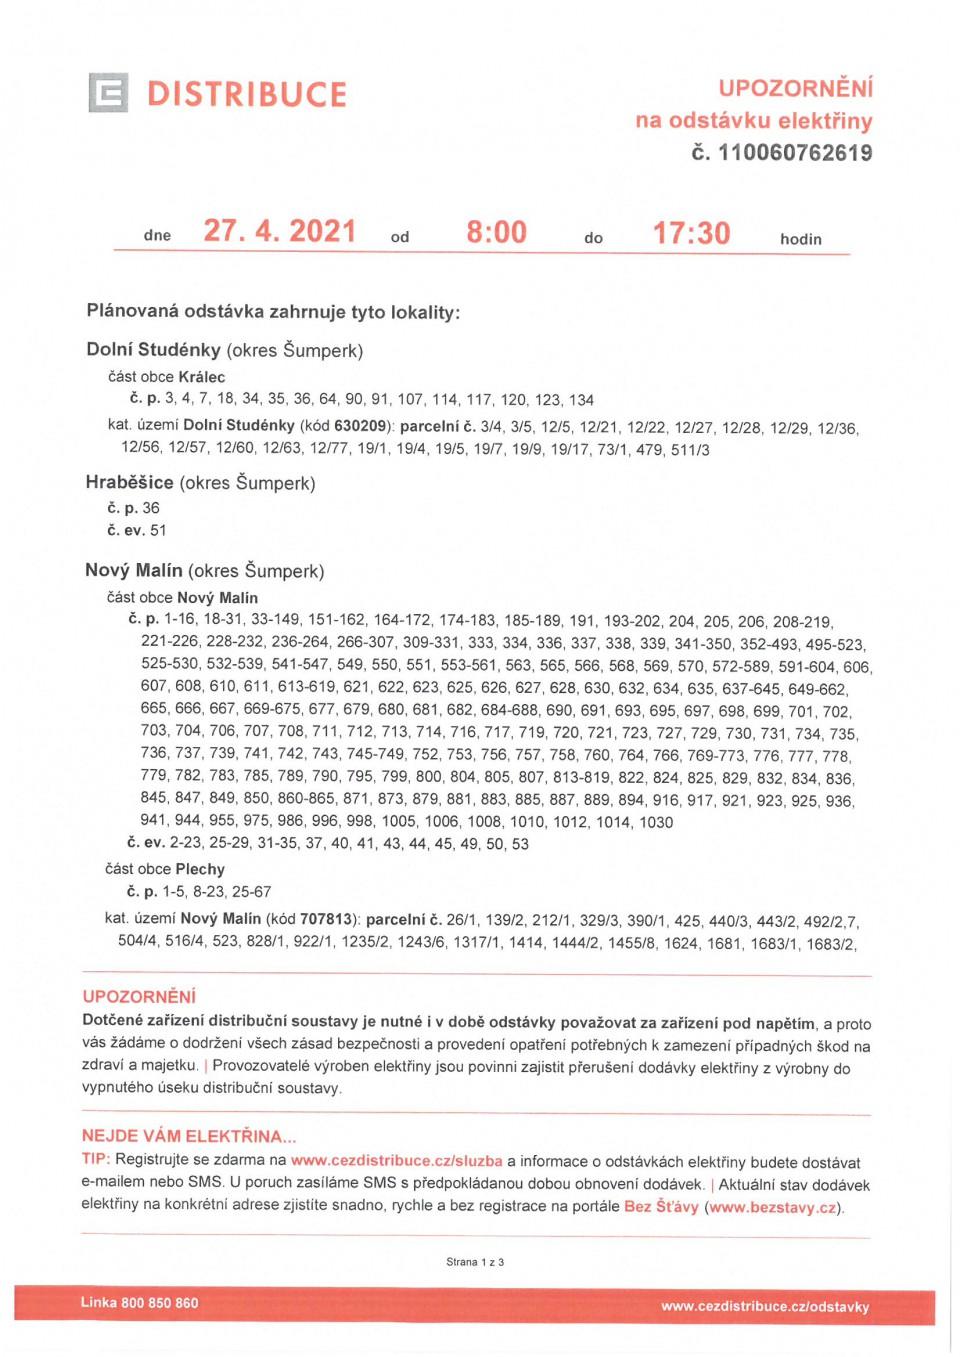 oznameni-o-preruseni-dodavky-elektricke-energie-2742021-od-800-do-1730-hodin